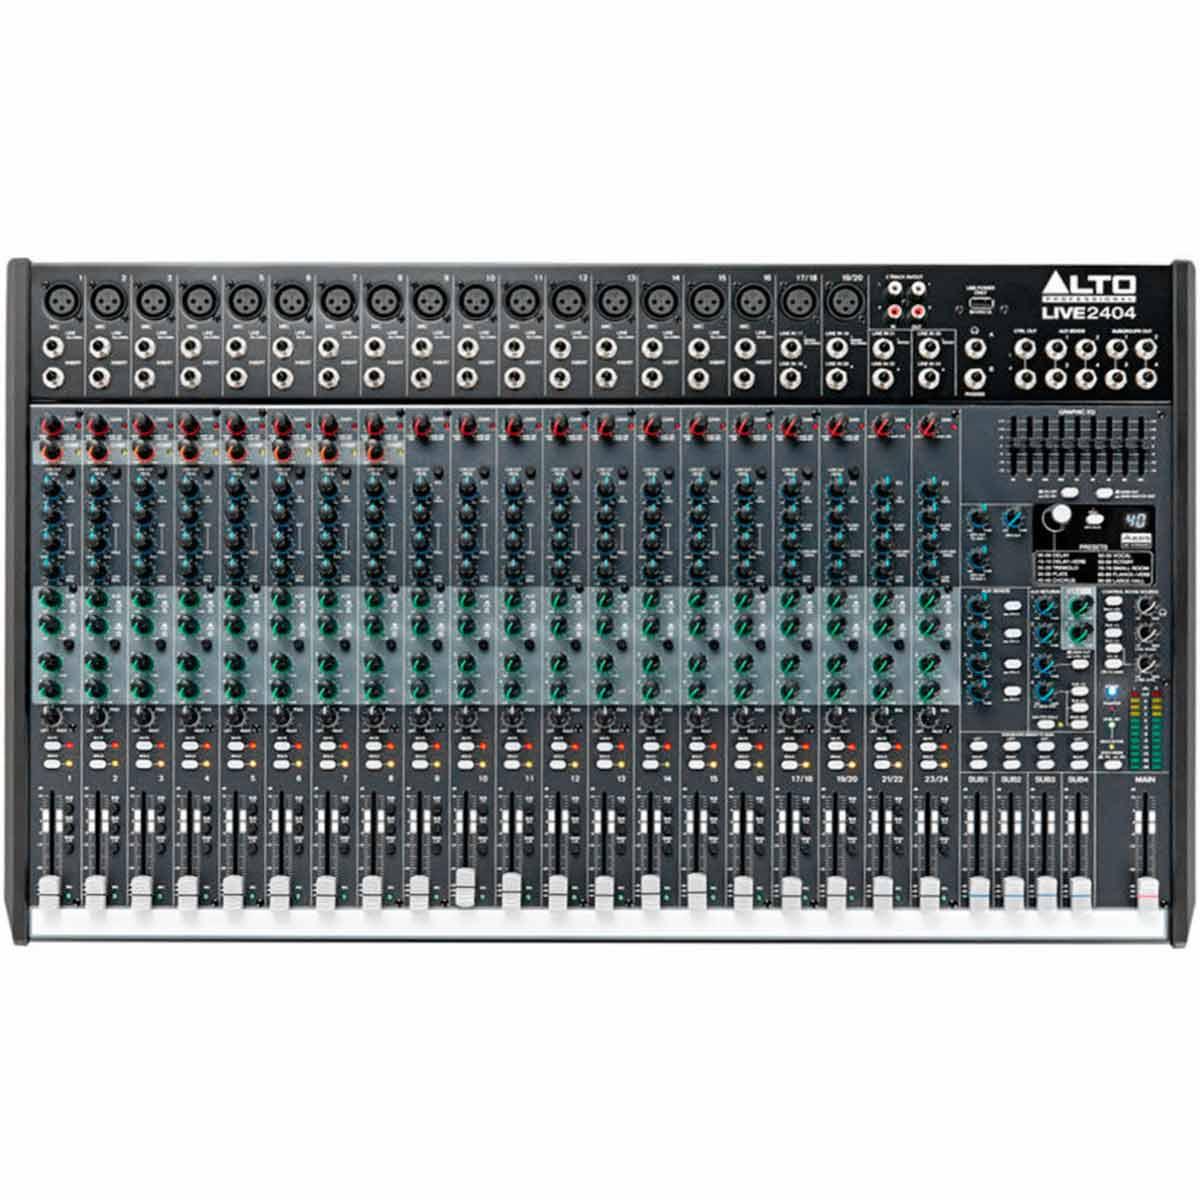 Mesa de Som 24 Canais Balanceados (18 XLR + 6 P10) c/ USB / Efeito / Phantom / 4 Auxiliares - Live 2404 Alto